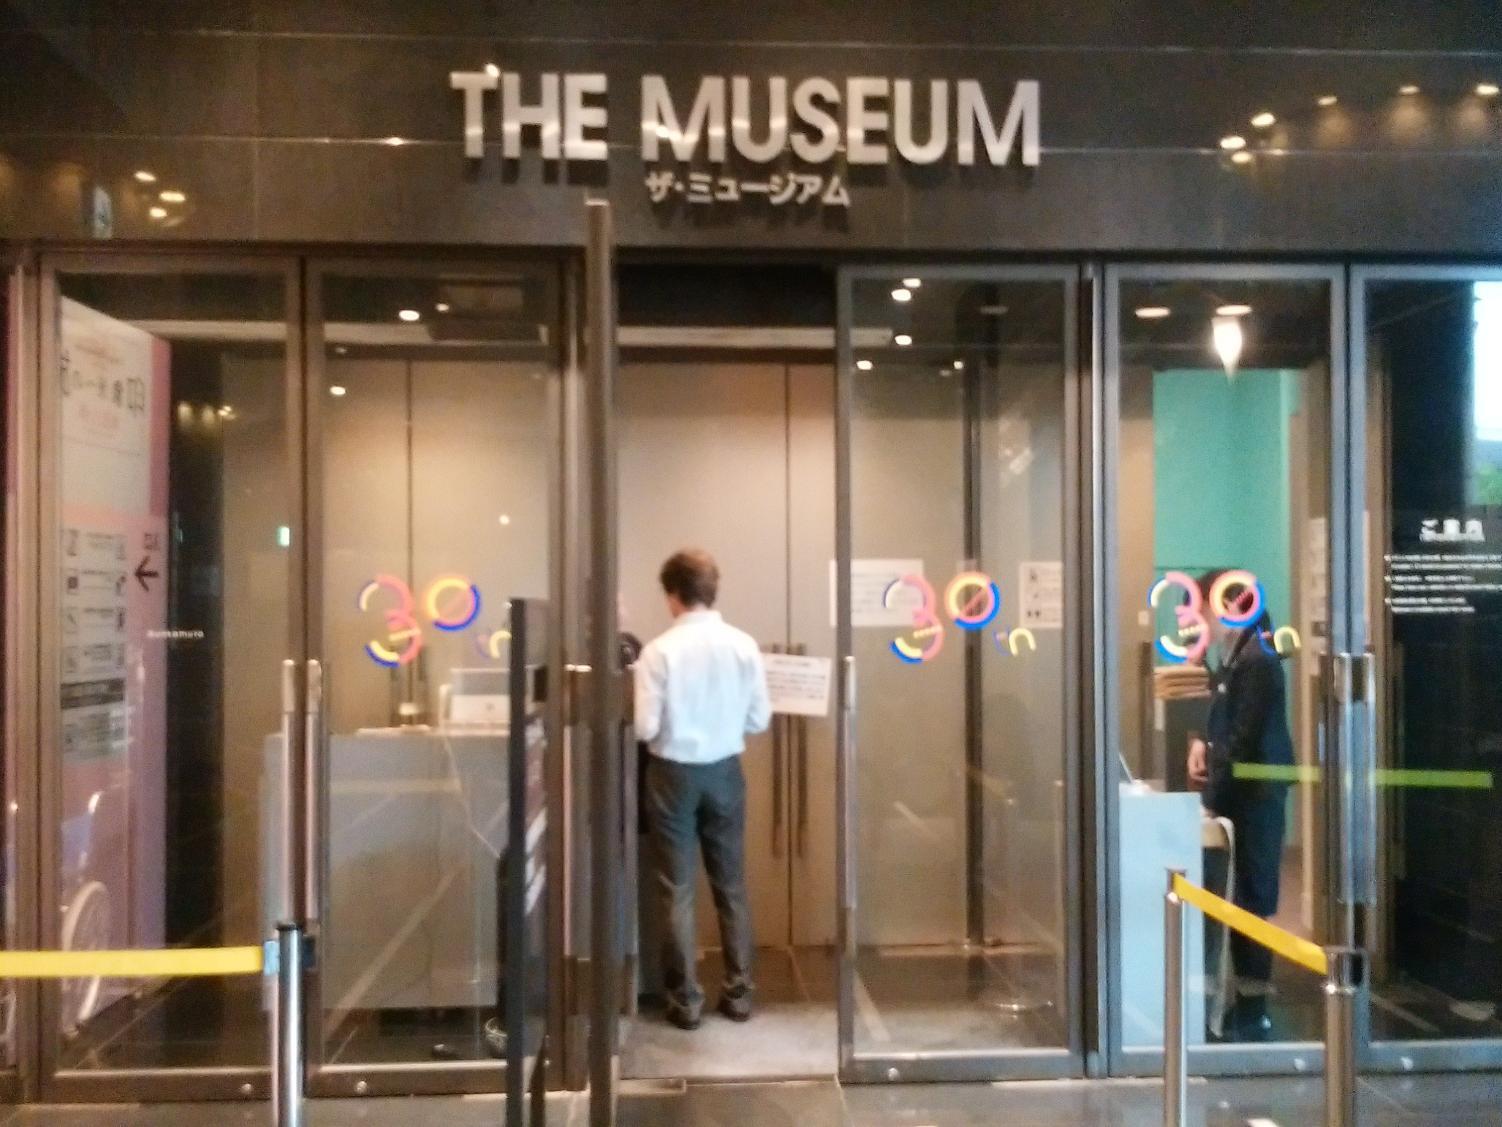 bunkamuraザ・ミュージアムで「印象派への旅」展を観てきた